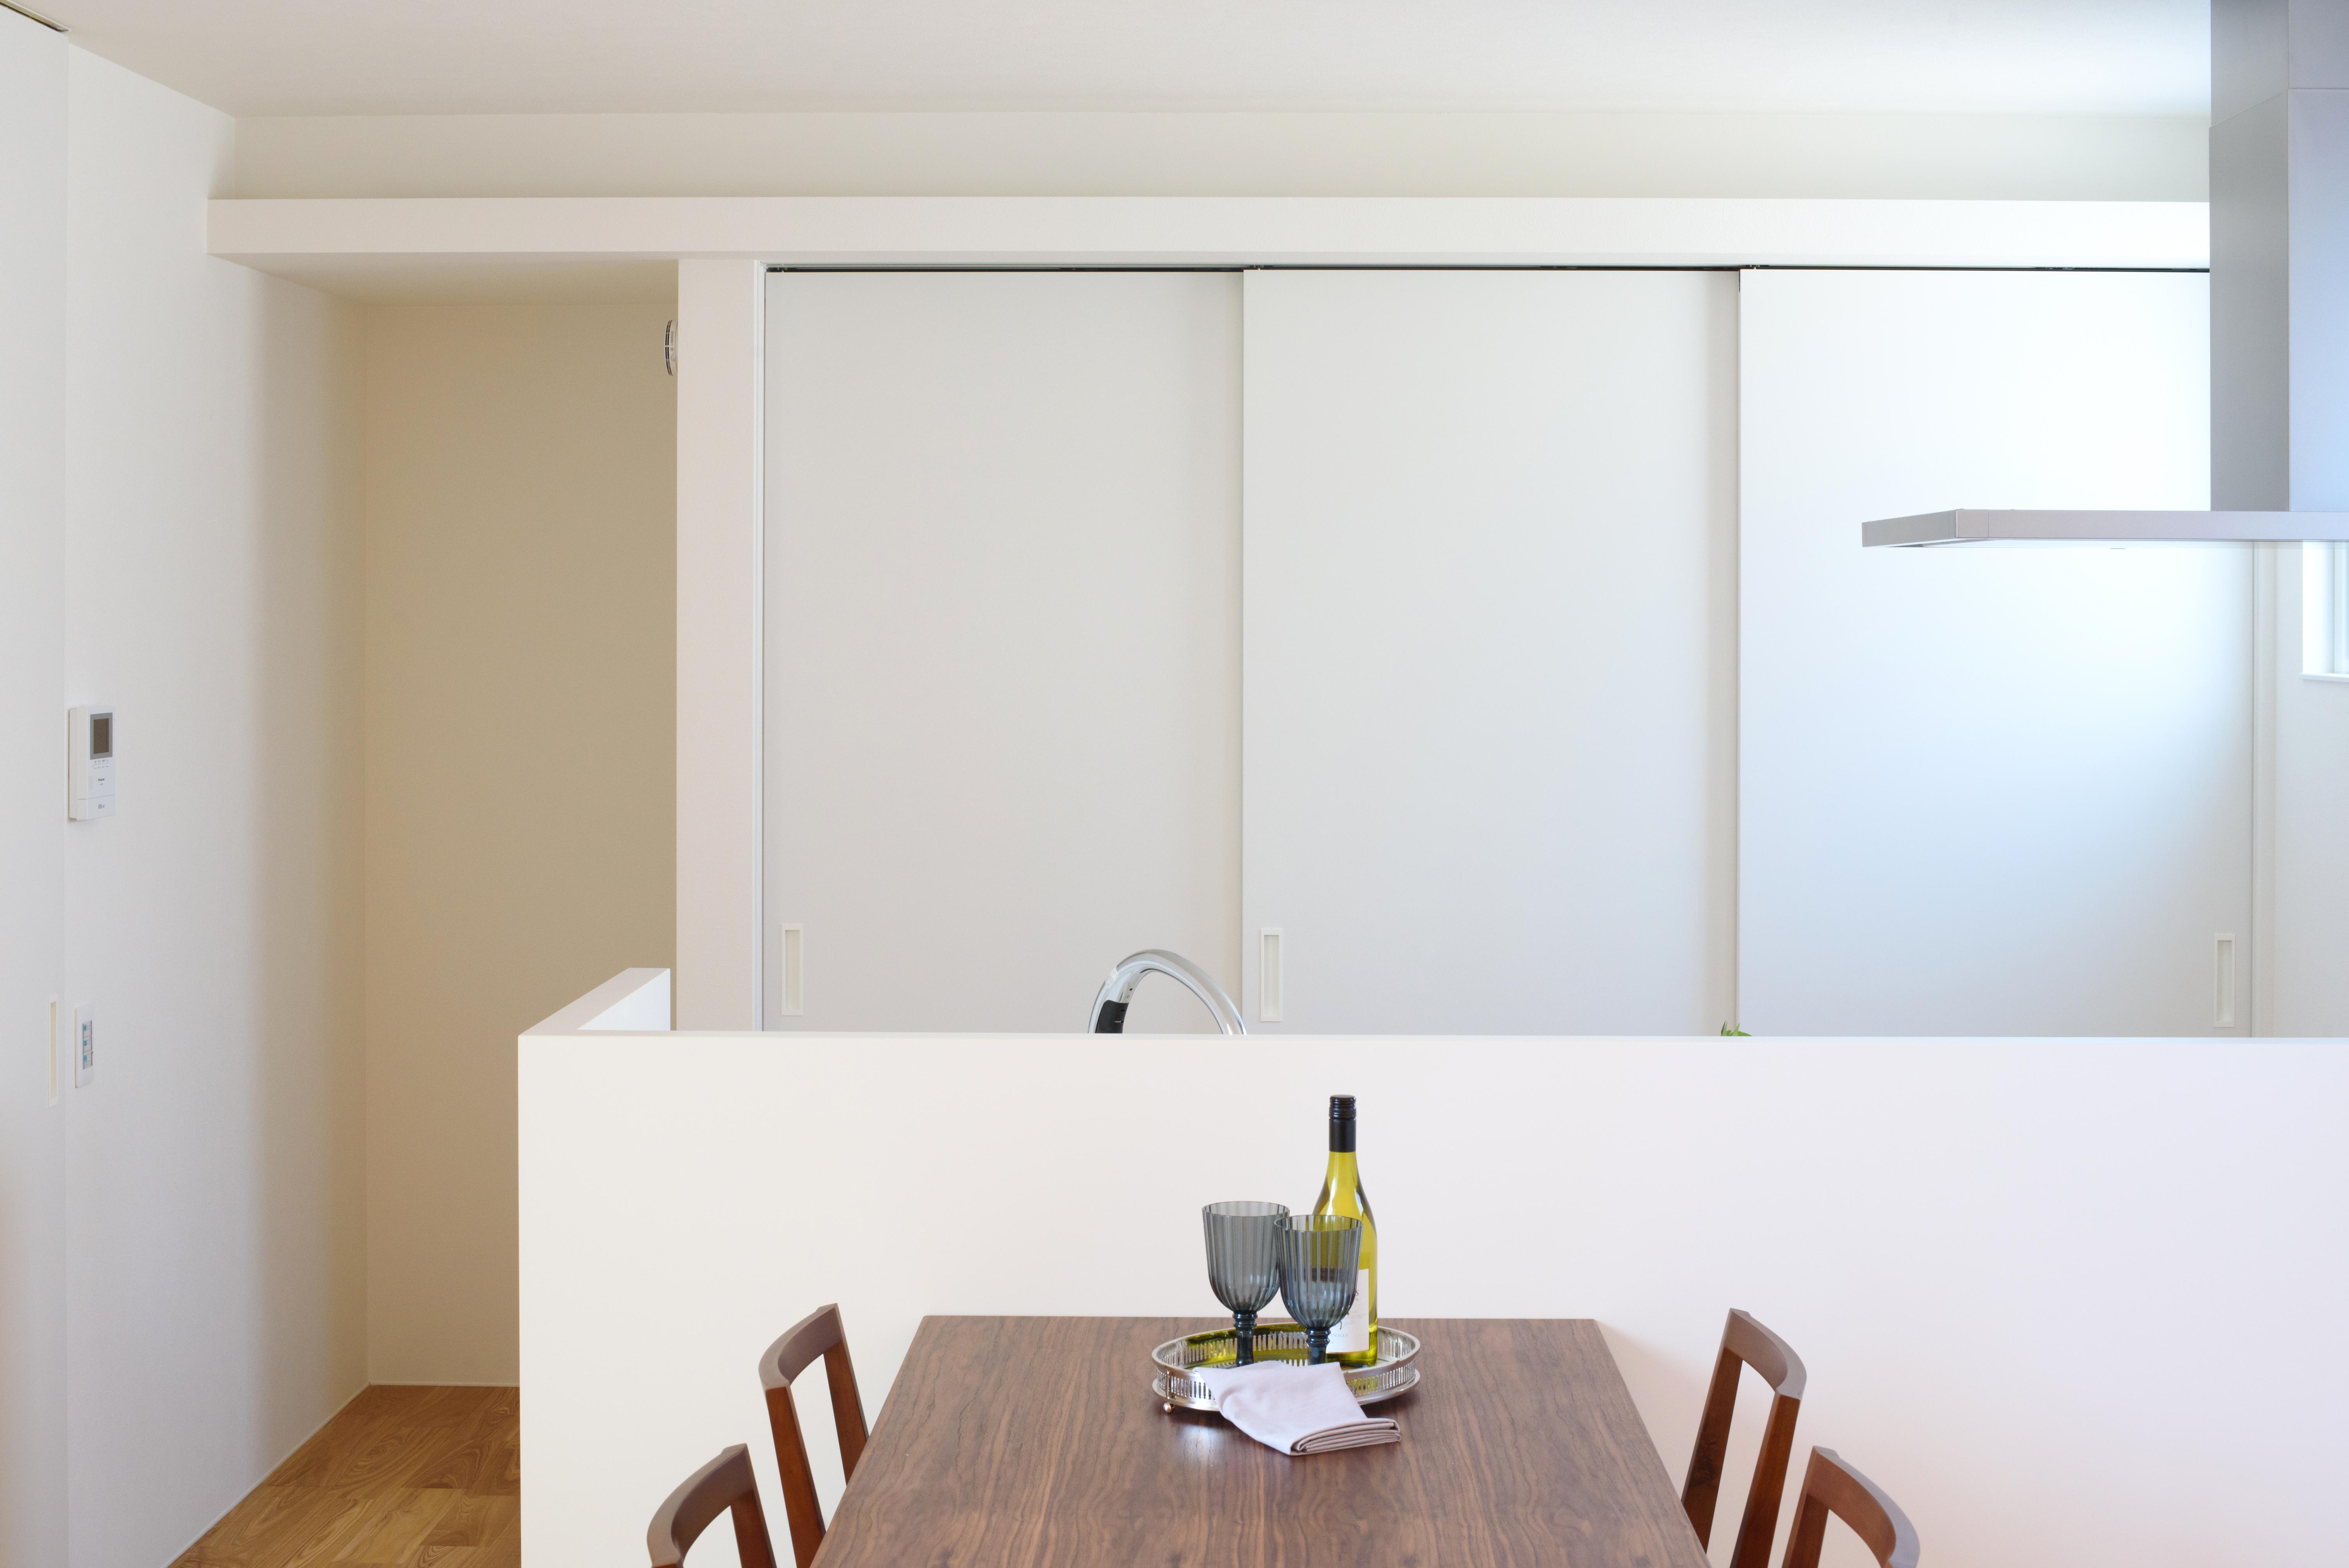 SIMPLE is.../シンプルイズ【岡崎市岡町字東神馬崎北側41番1・モデルハウス】生活感のないダイニングキッチン。不意の来客時でも、3連のスライドドアでカップボードをサッと隠せる